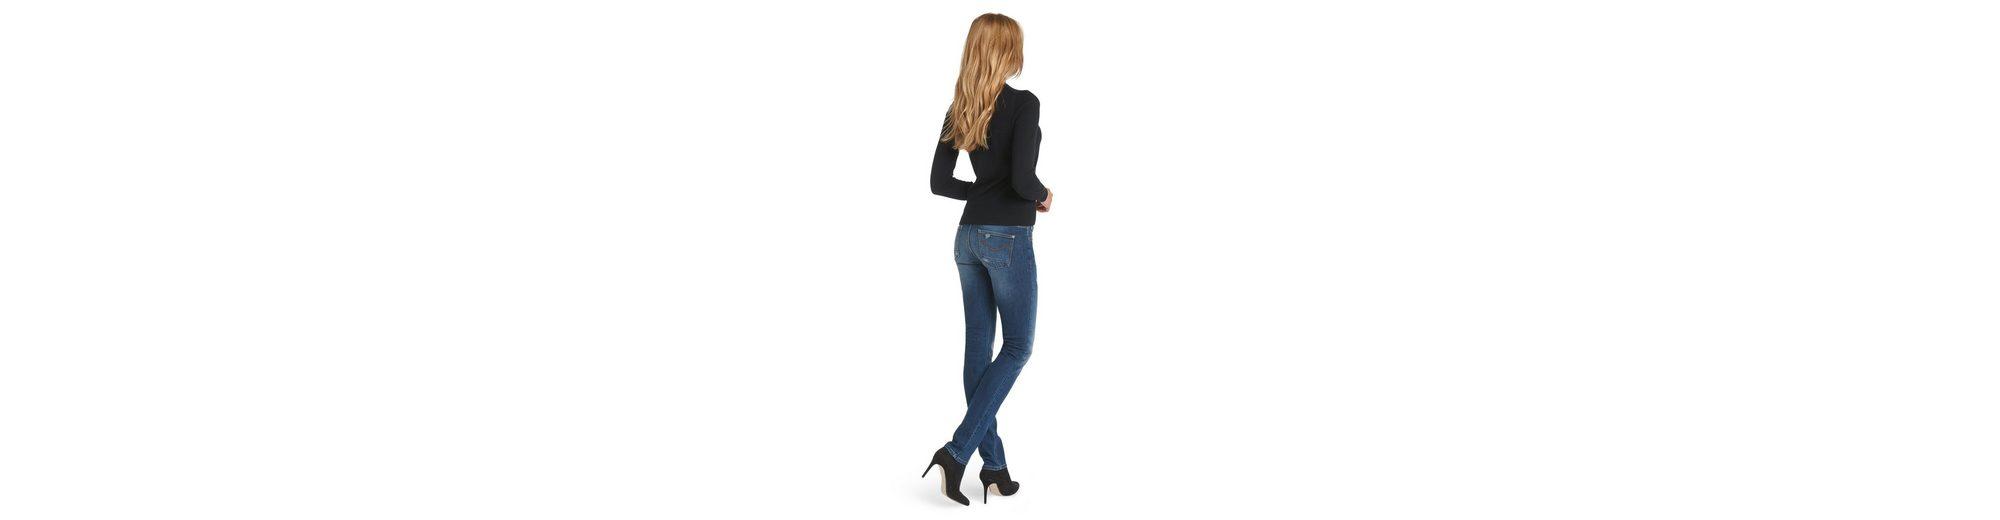 H.I.S Jeans Monroe Günstig Kaufen Sneakernews Billig Verkauf Auslass Verkauf Manchester Billig Wie Viel Billig Vermarktbare HI164m5WHL